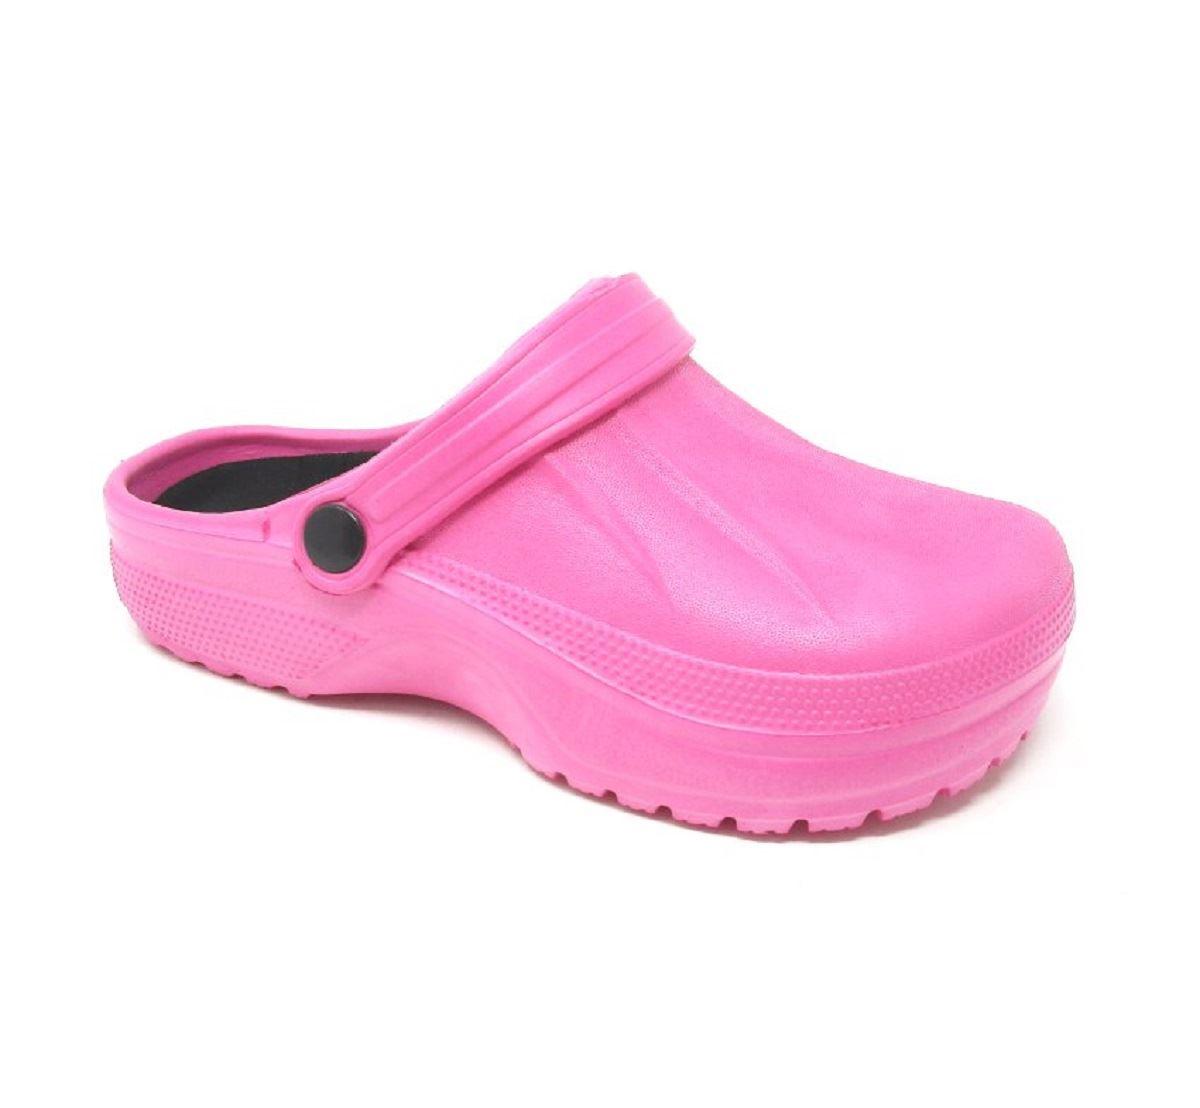 Womens-Clogs-Mules-Slipper-Nursing-Garden-Beach-Sandals-Hospital-Rubber-Shoes miniatura 11